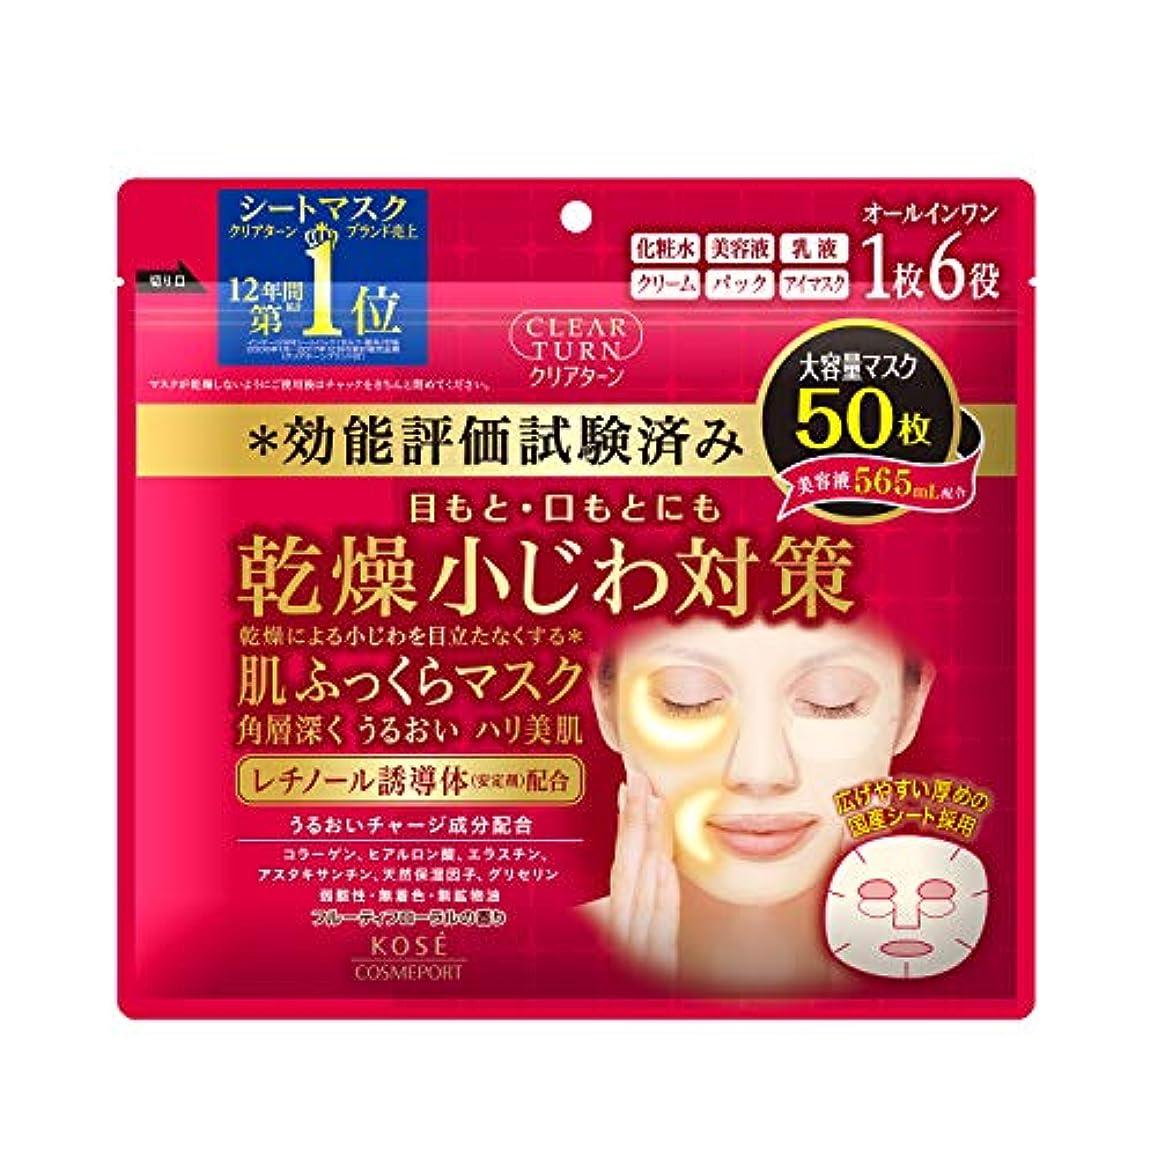 アルミニウム極めて一般化するKOSE クリアターン 肌ふっくら マスク 50枚